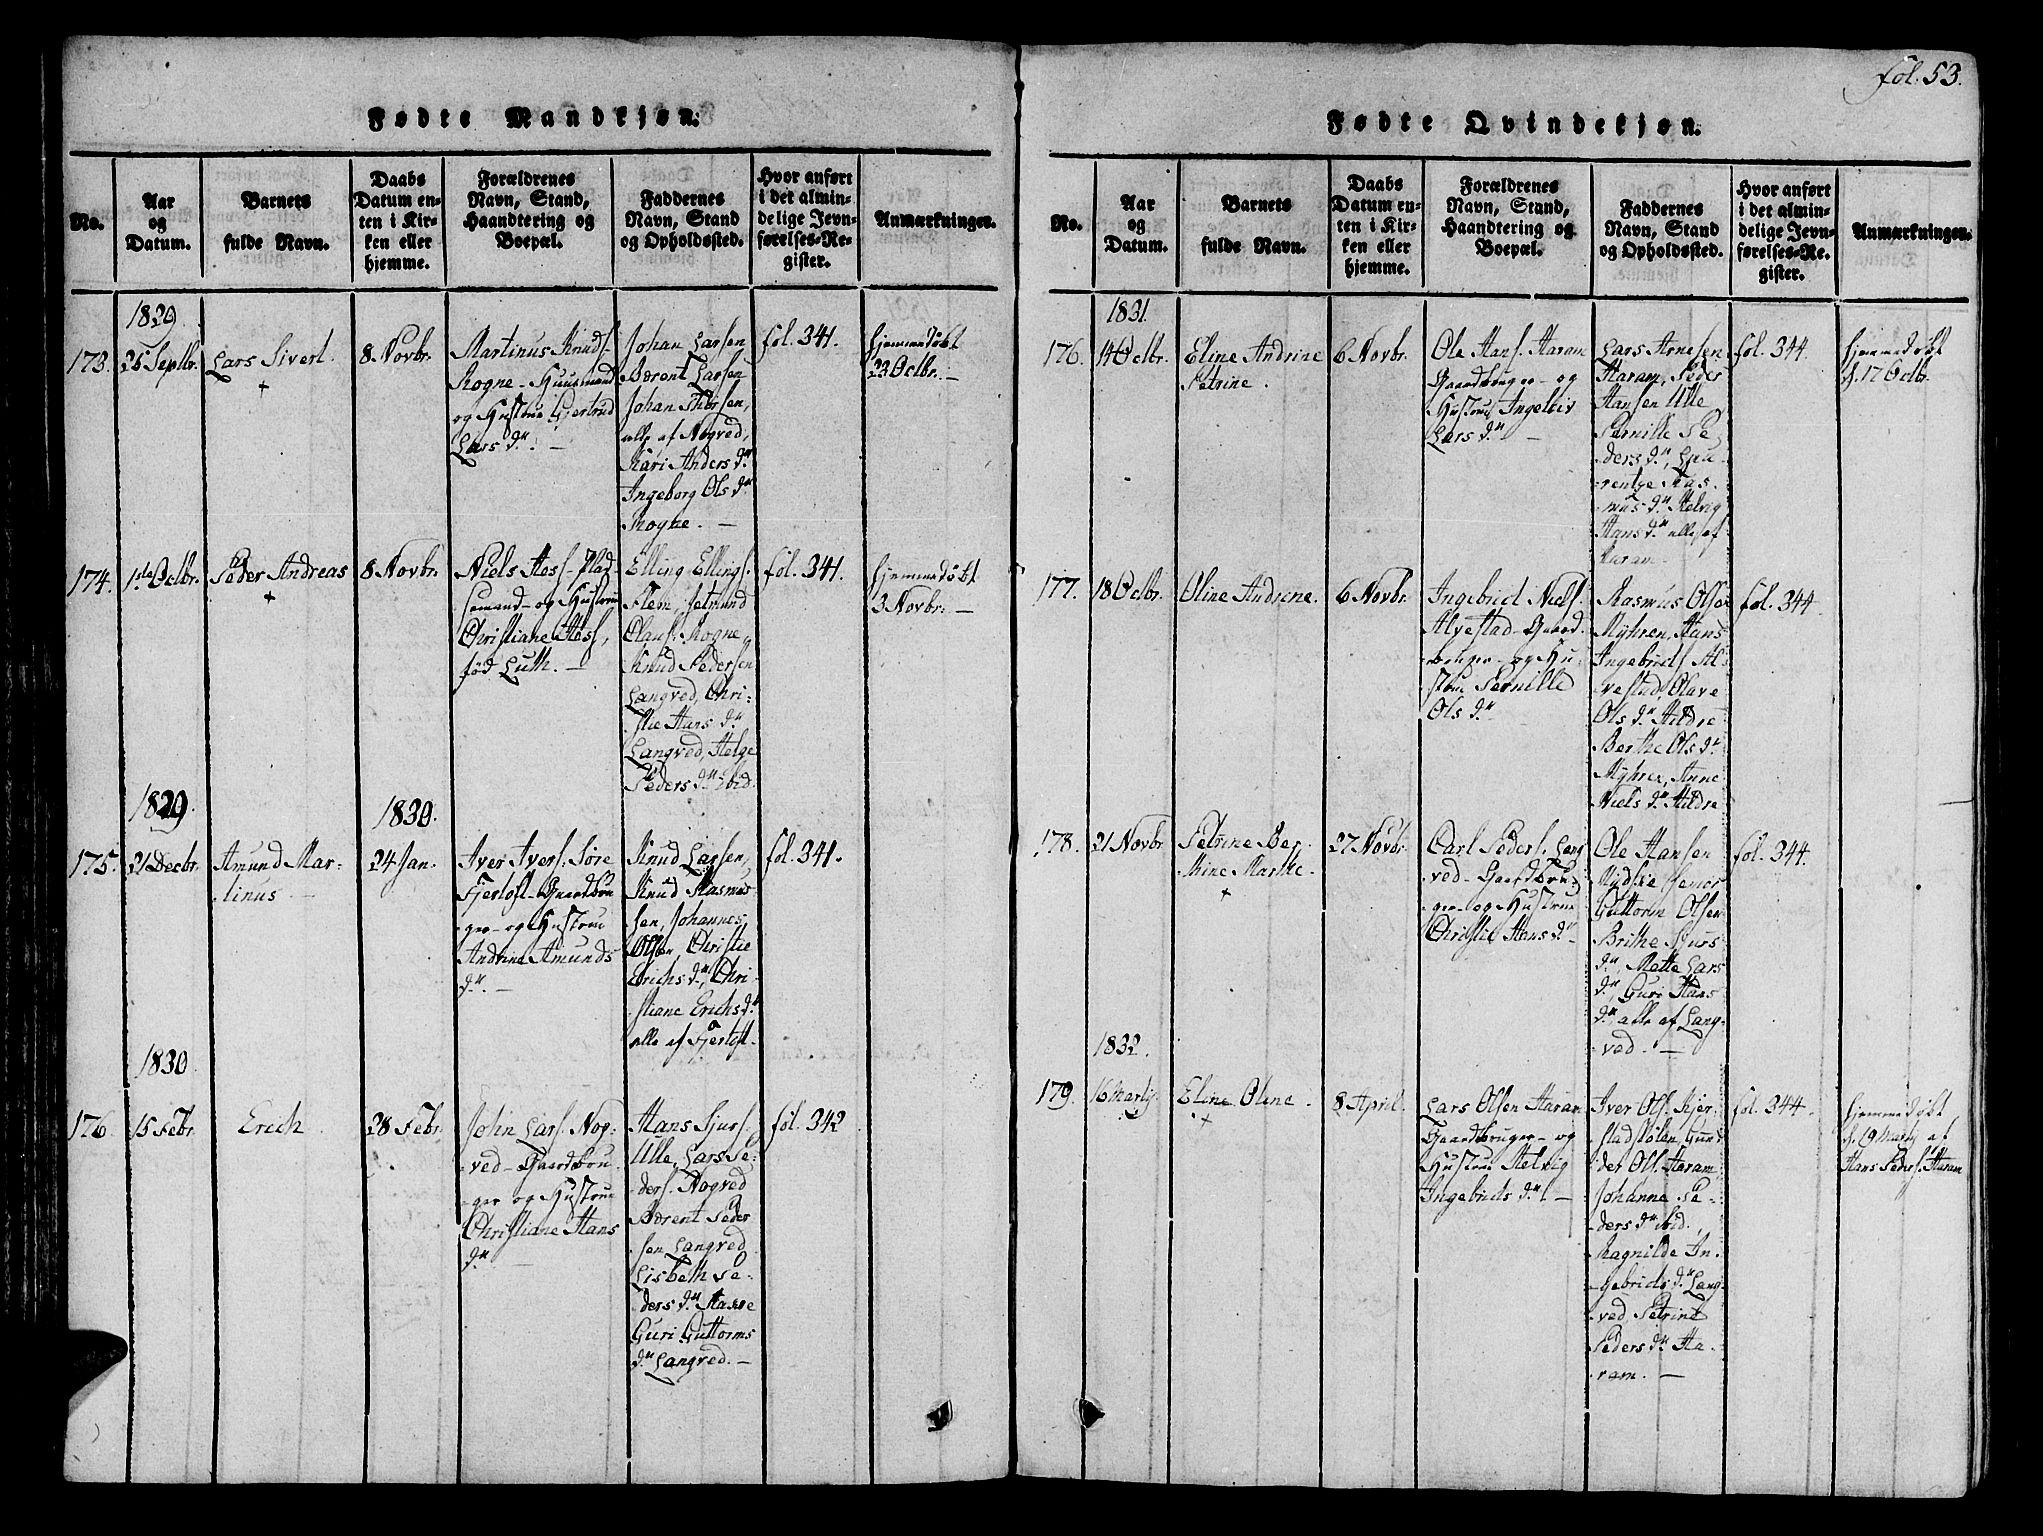 SAT, Ministerialprotokoller, klokkerbøker og fødselsregistre - Møre og Romsdal, 536/L0495: Ministerialbok nr. 536A04, 1818-1847, s. 53